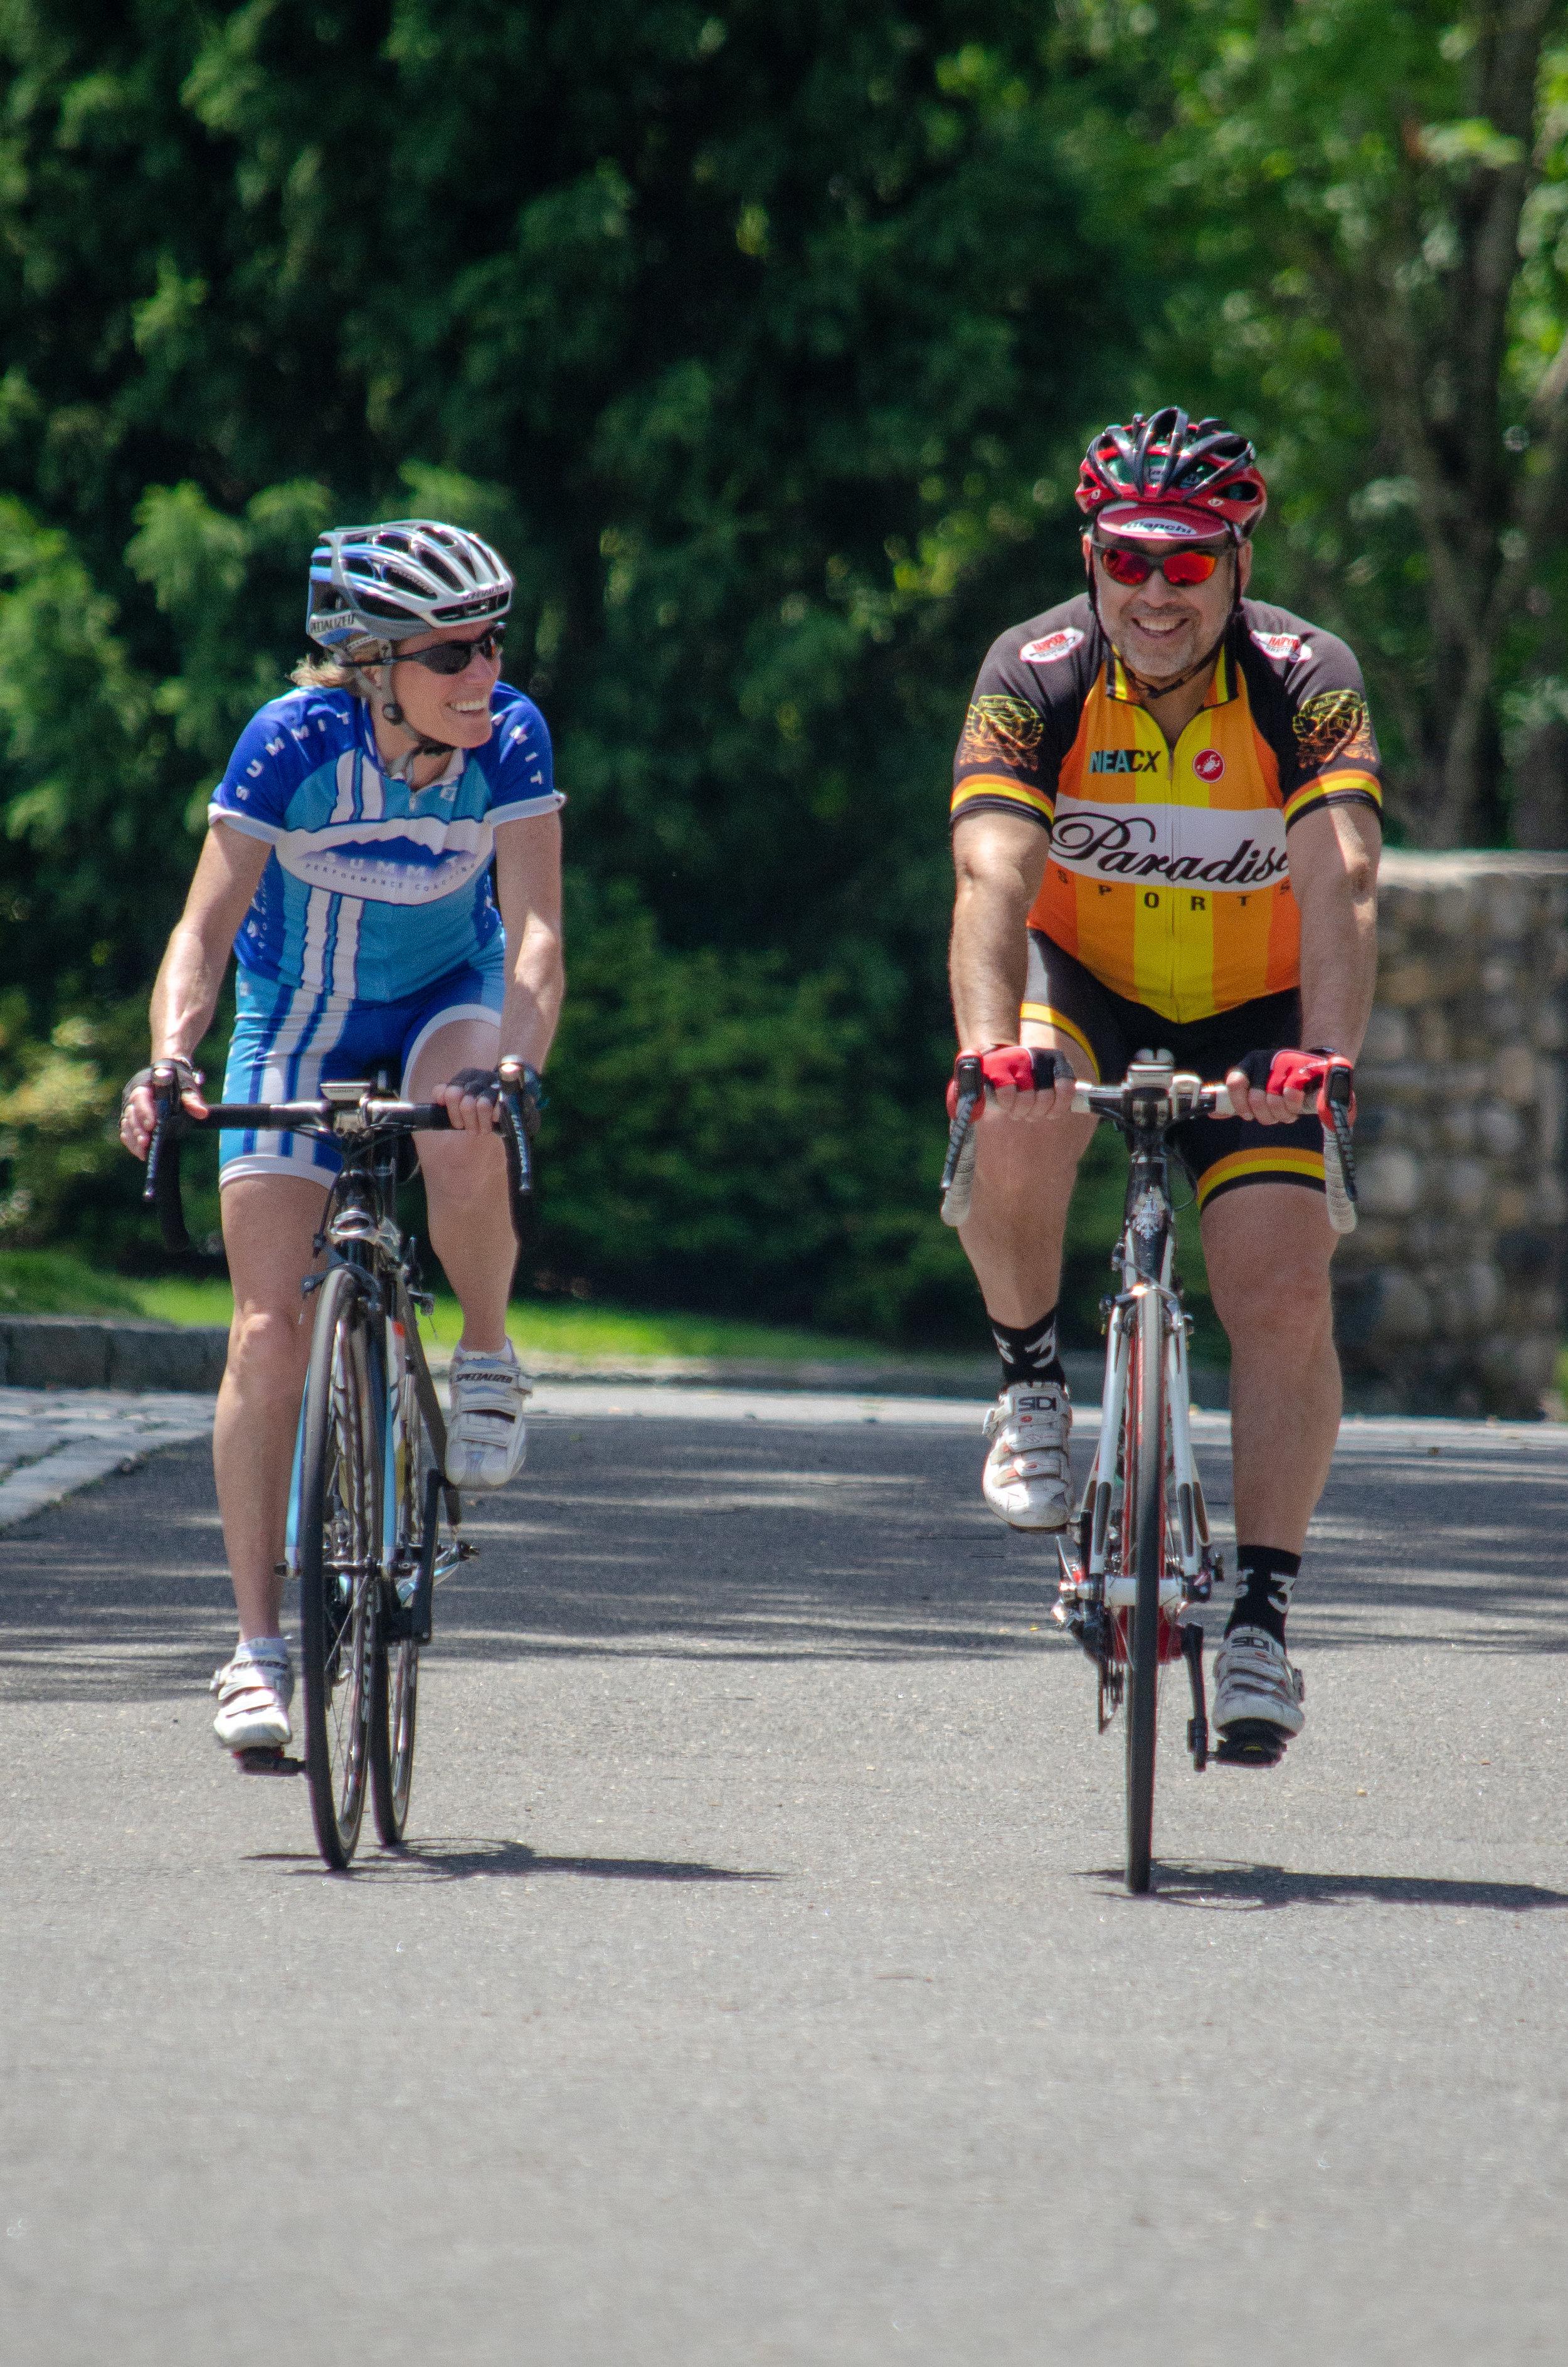 Riders_DSC_1001.jpg